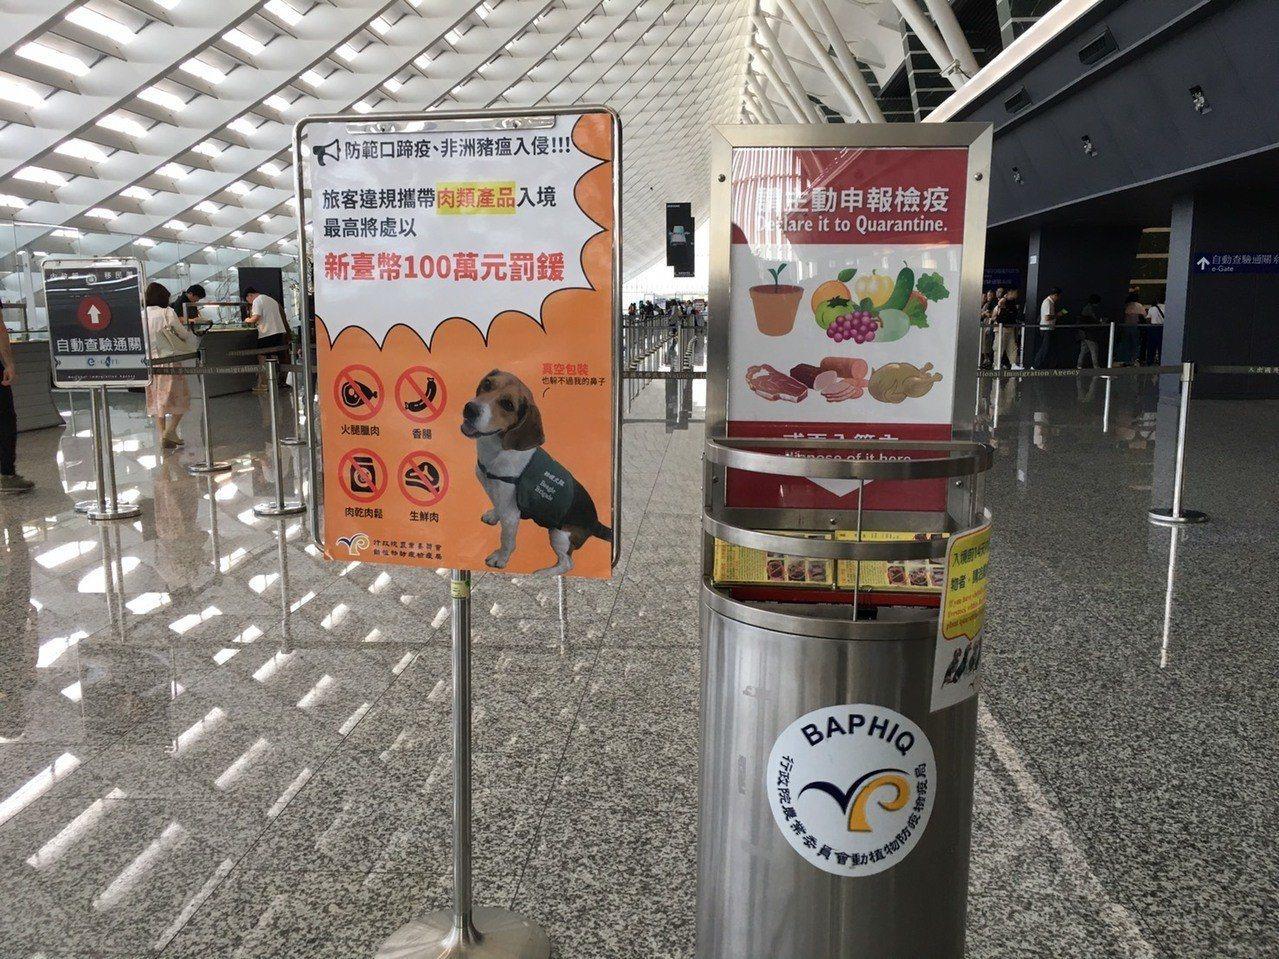 桃園機場將對菲律賓入境旅客執行百分百手提行李檢查。本報資料照